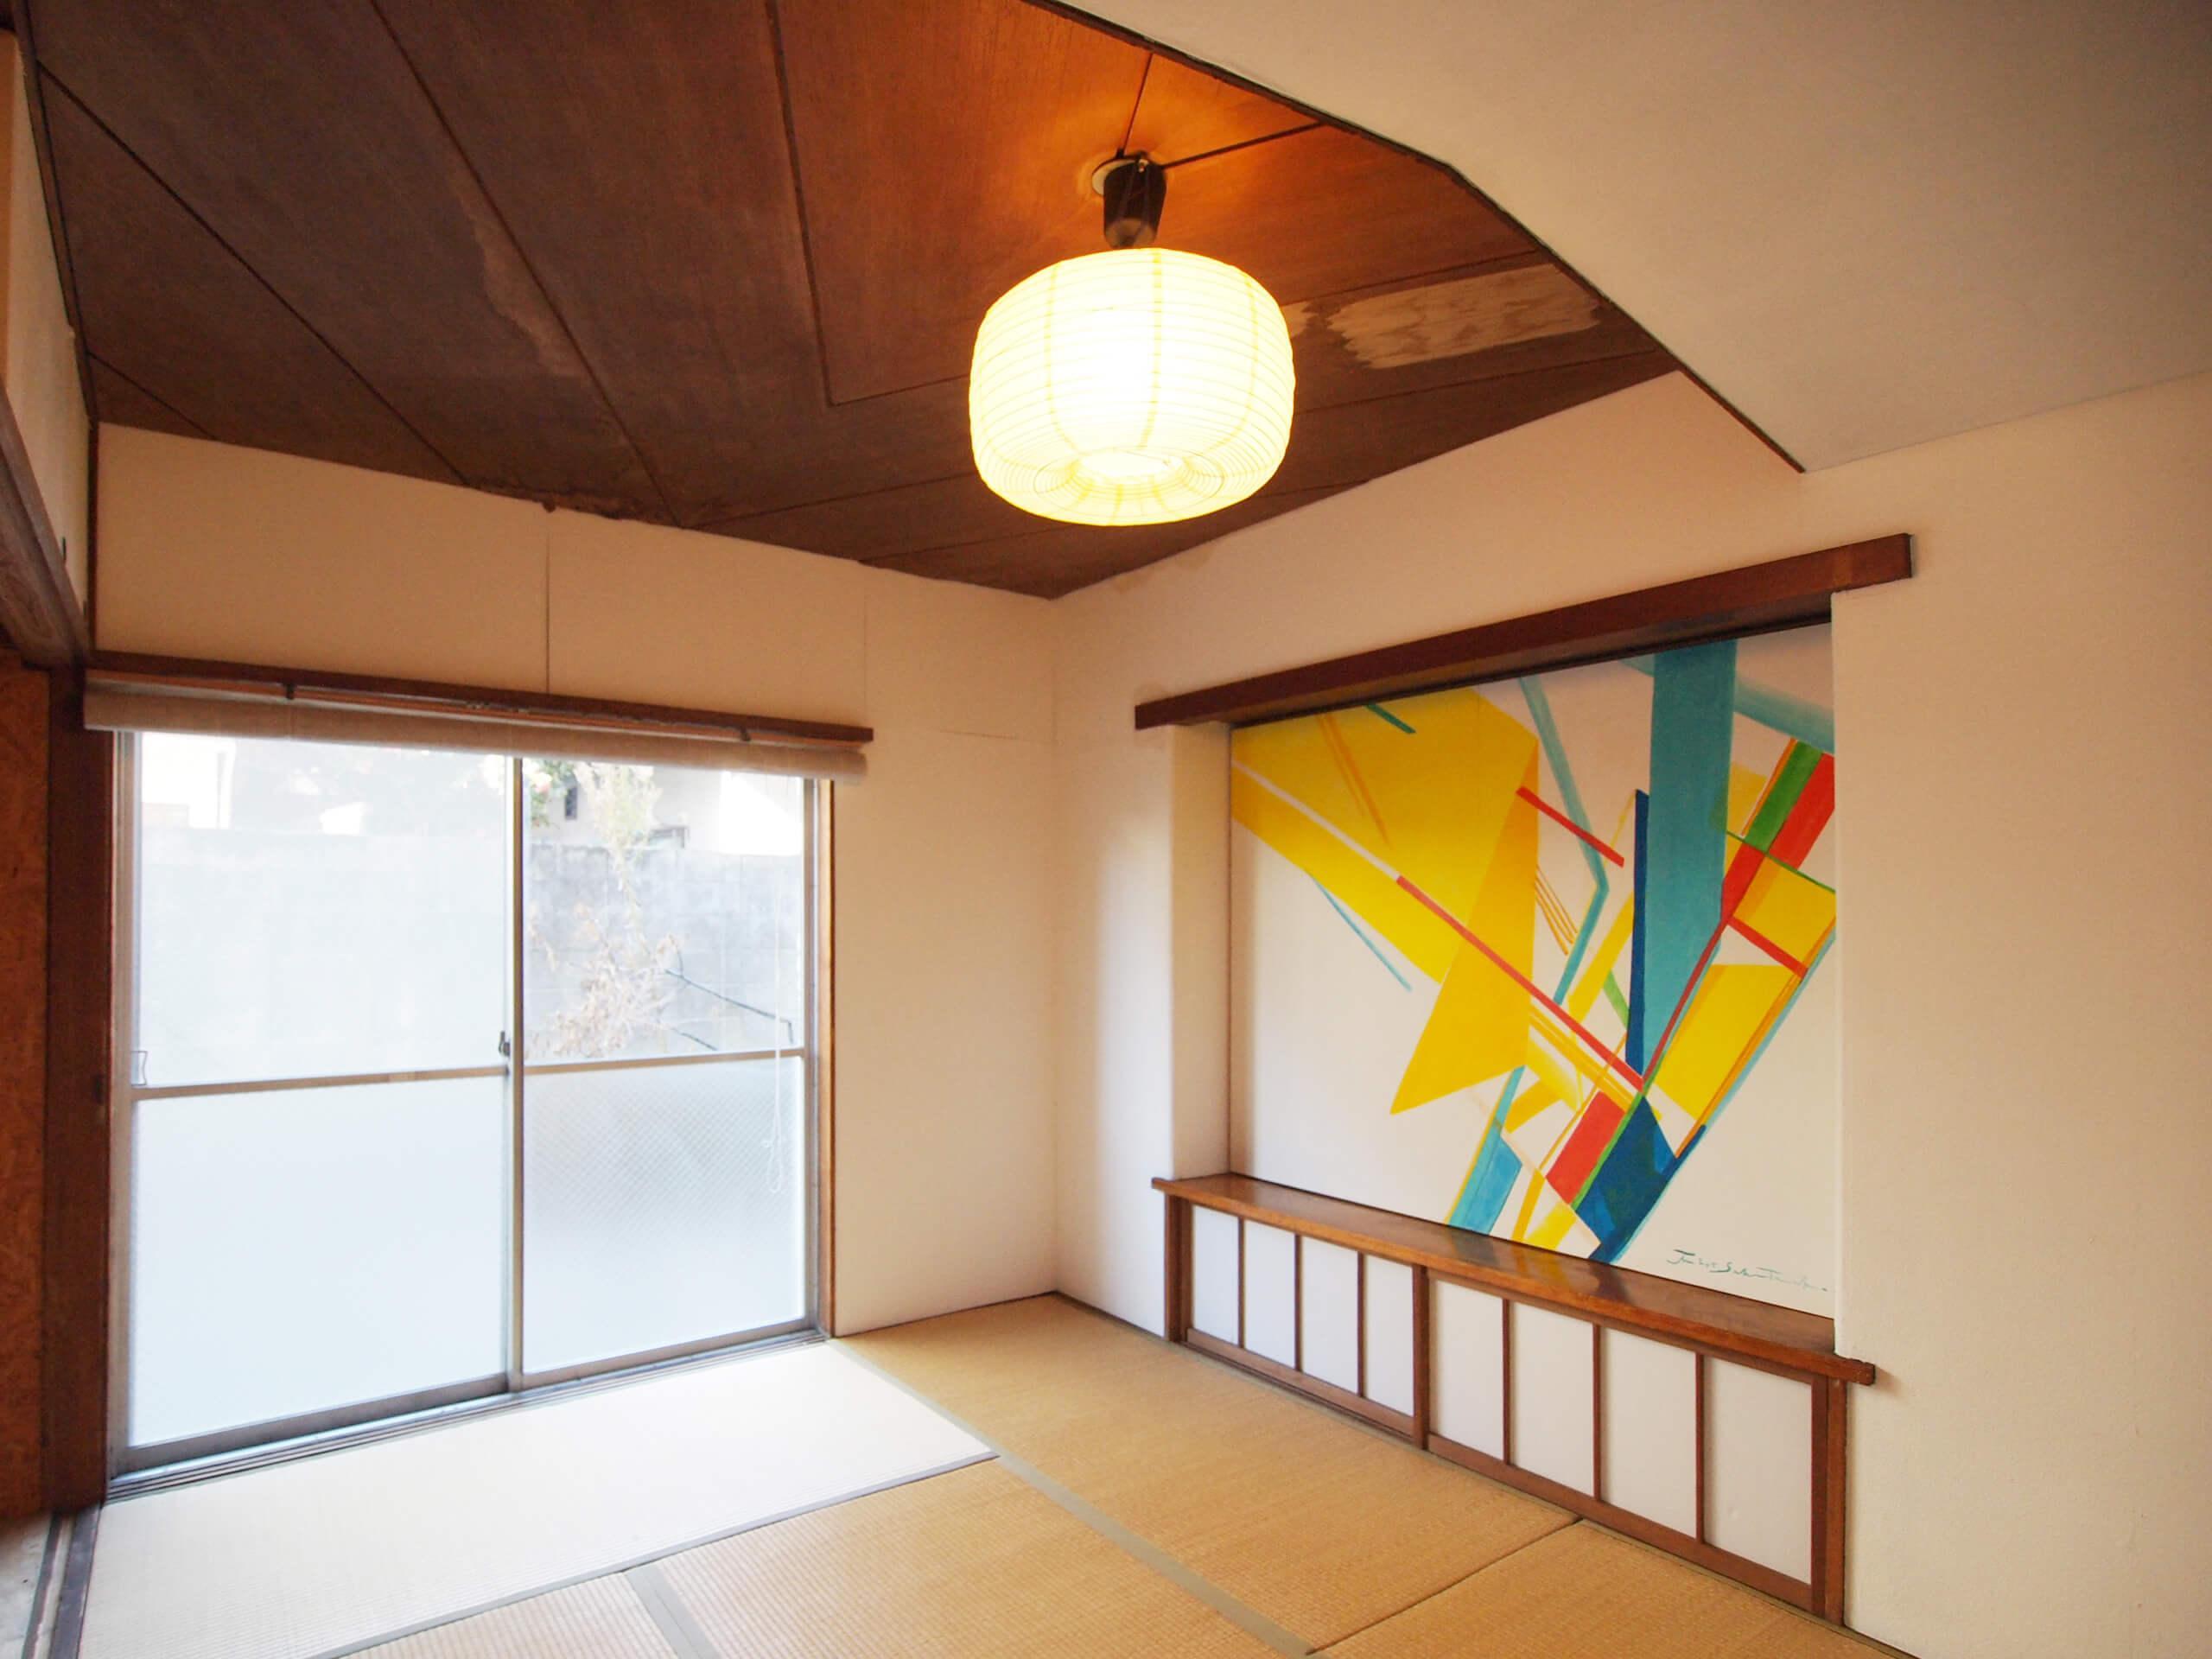 【和室2】こちらも板張りの天井が特長的。爽やかな印象の和室